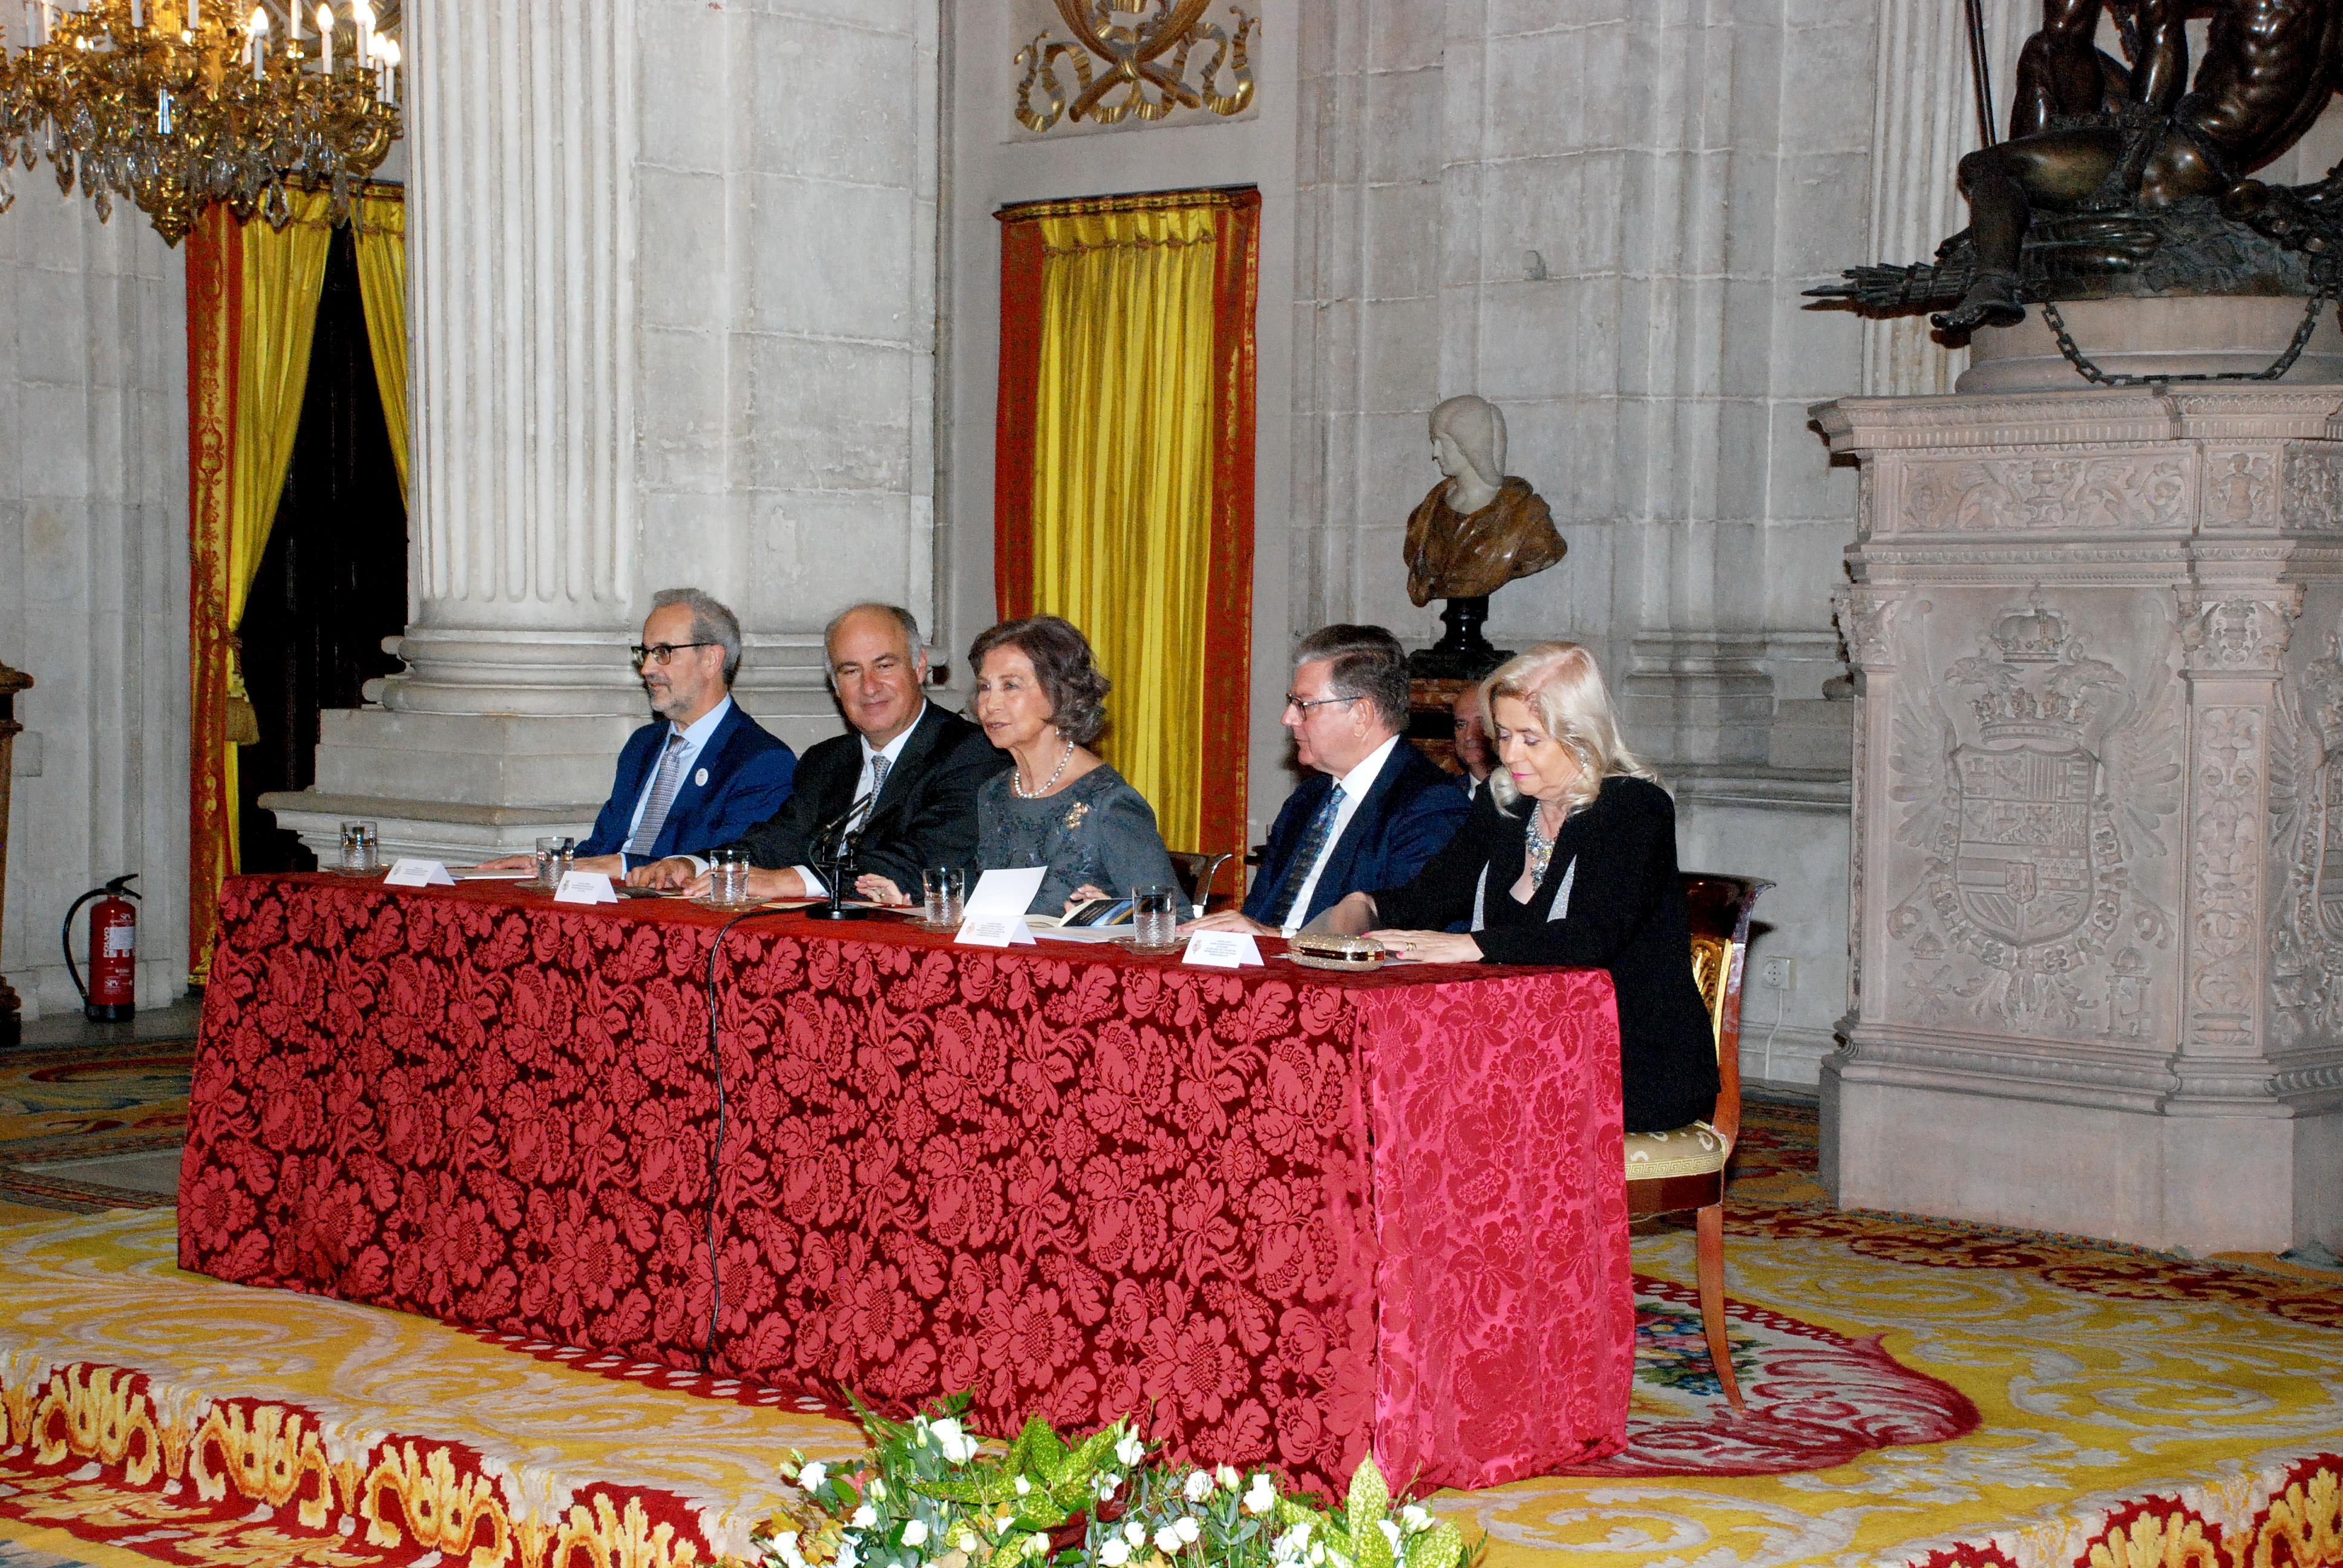 El poeta Antonio Colinas recibe el XXV Premio Reina Sofía de Poesía Iberoamericana